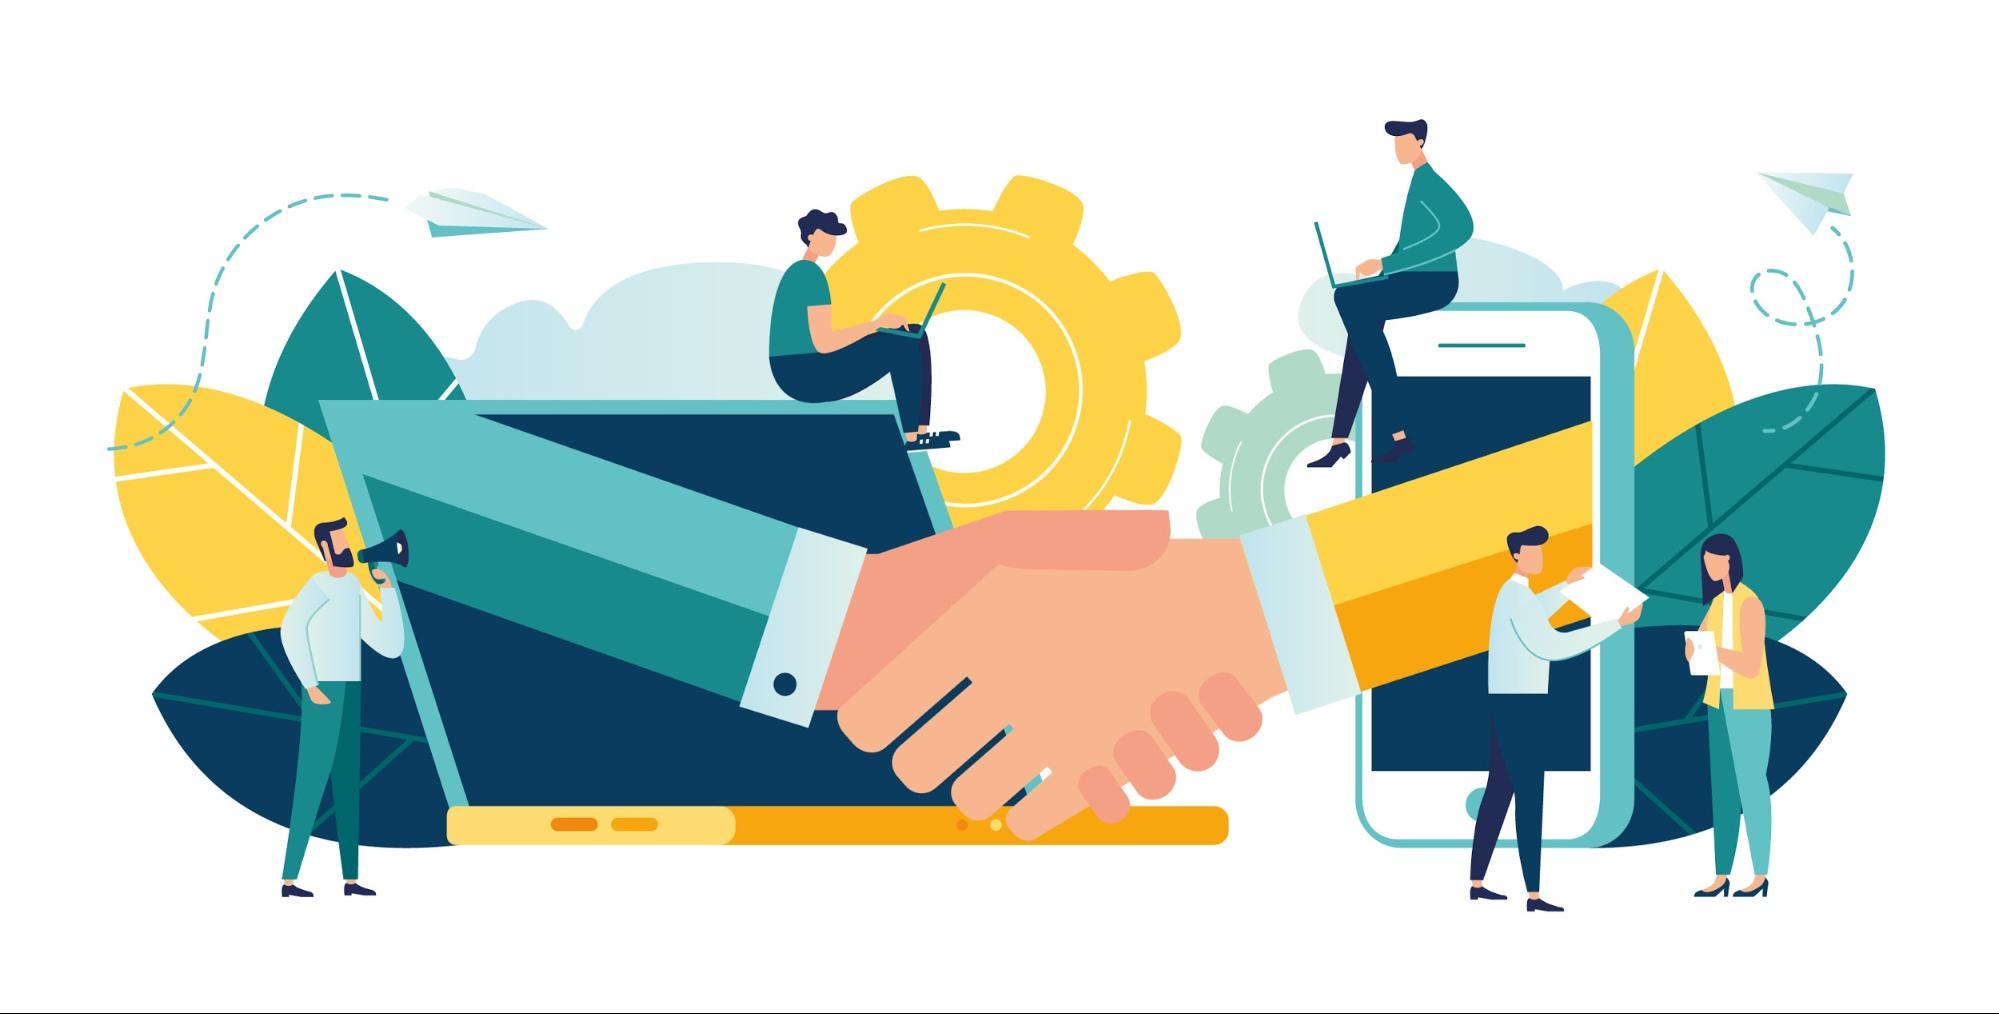 estratégias de marketing - imagem que ilustra as parcerias